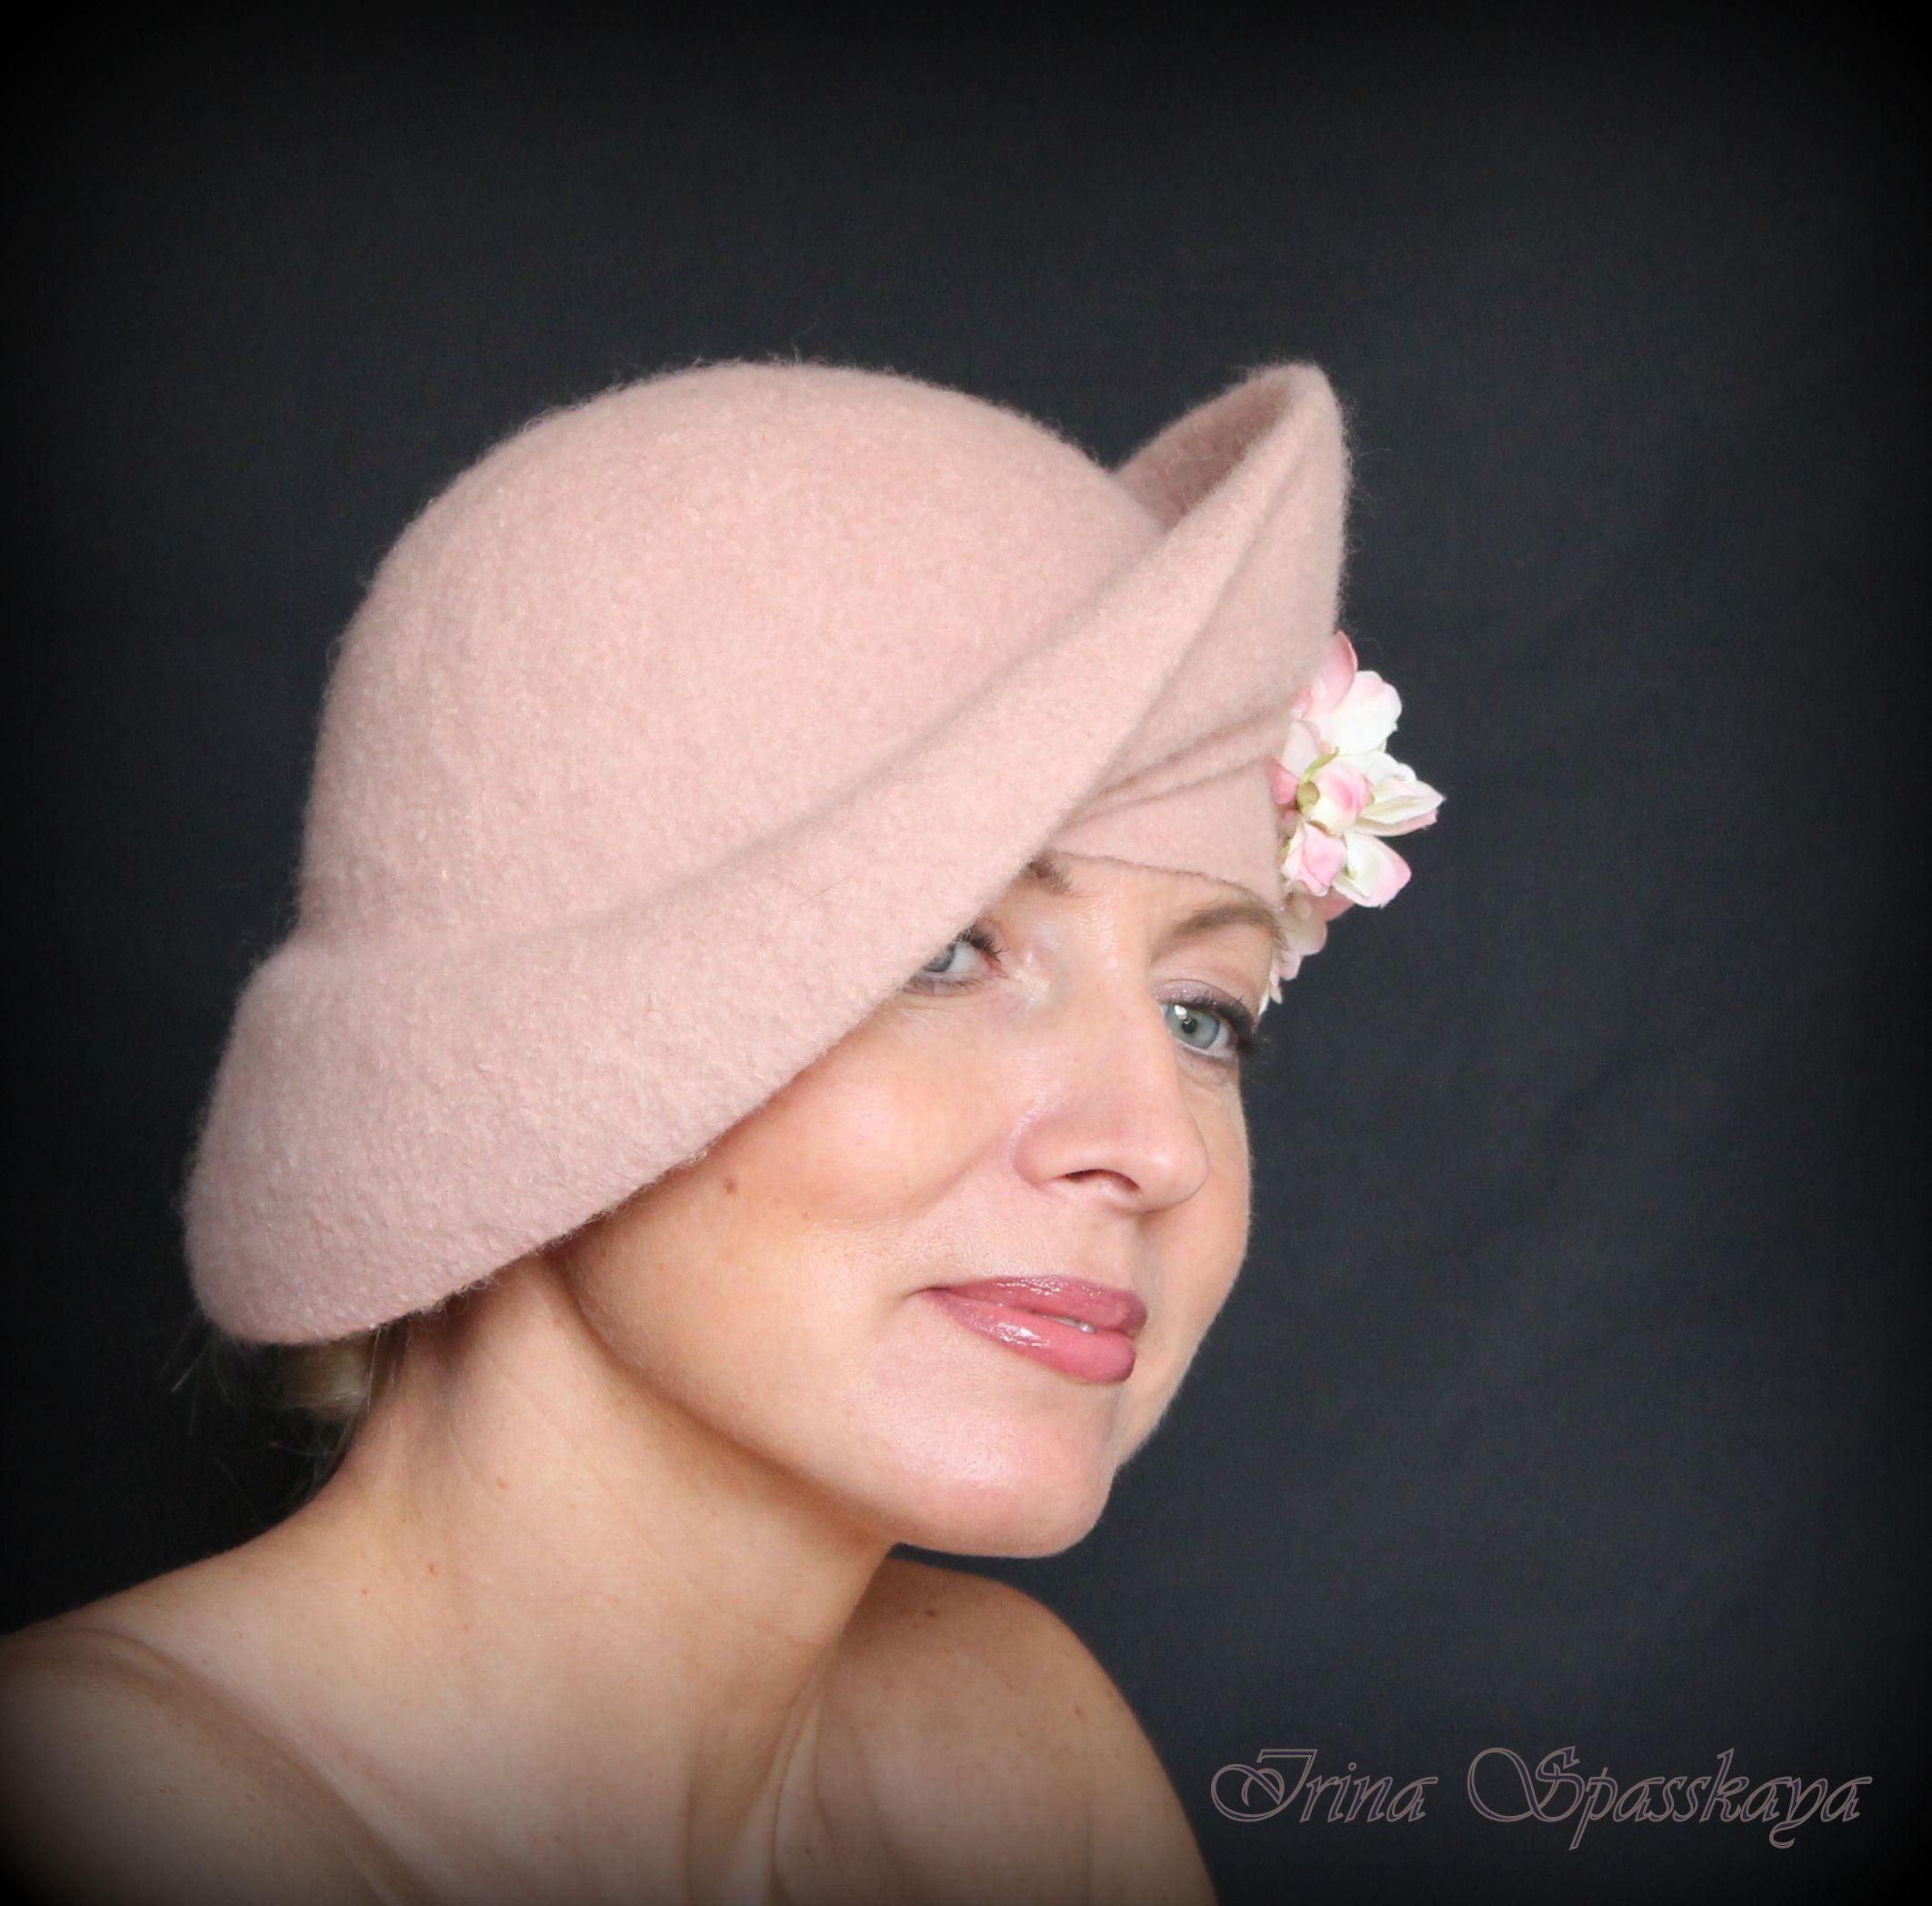 шляпки ирины спасской картинки растет выше